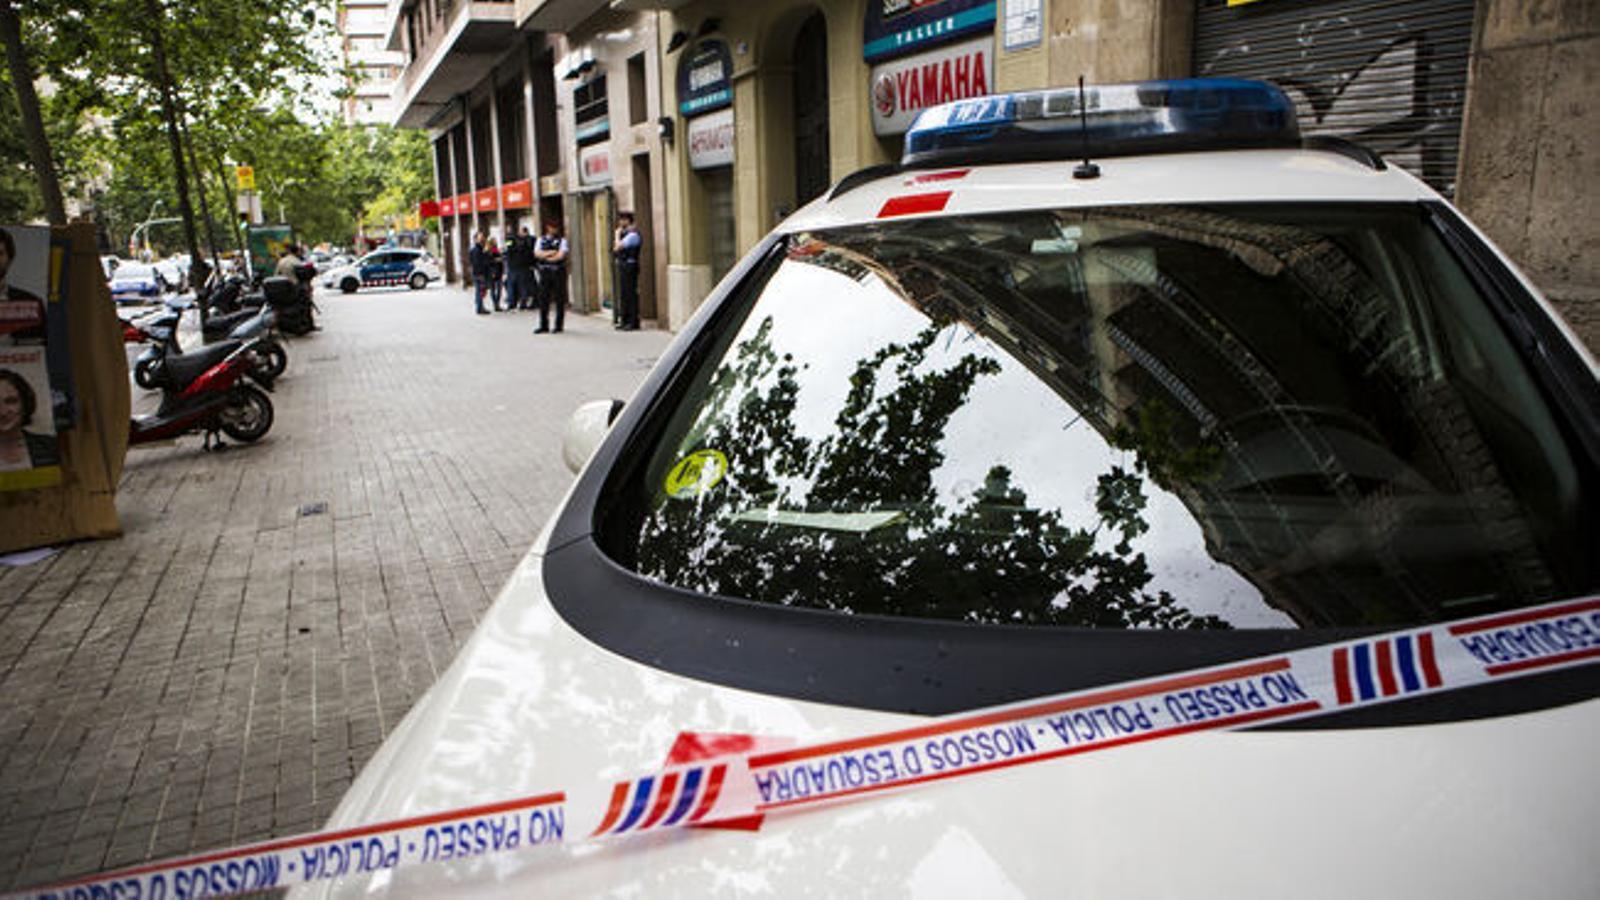 Cinc detinguts, entre ells tres mossos, per una trama de tràfic de drogues